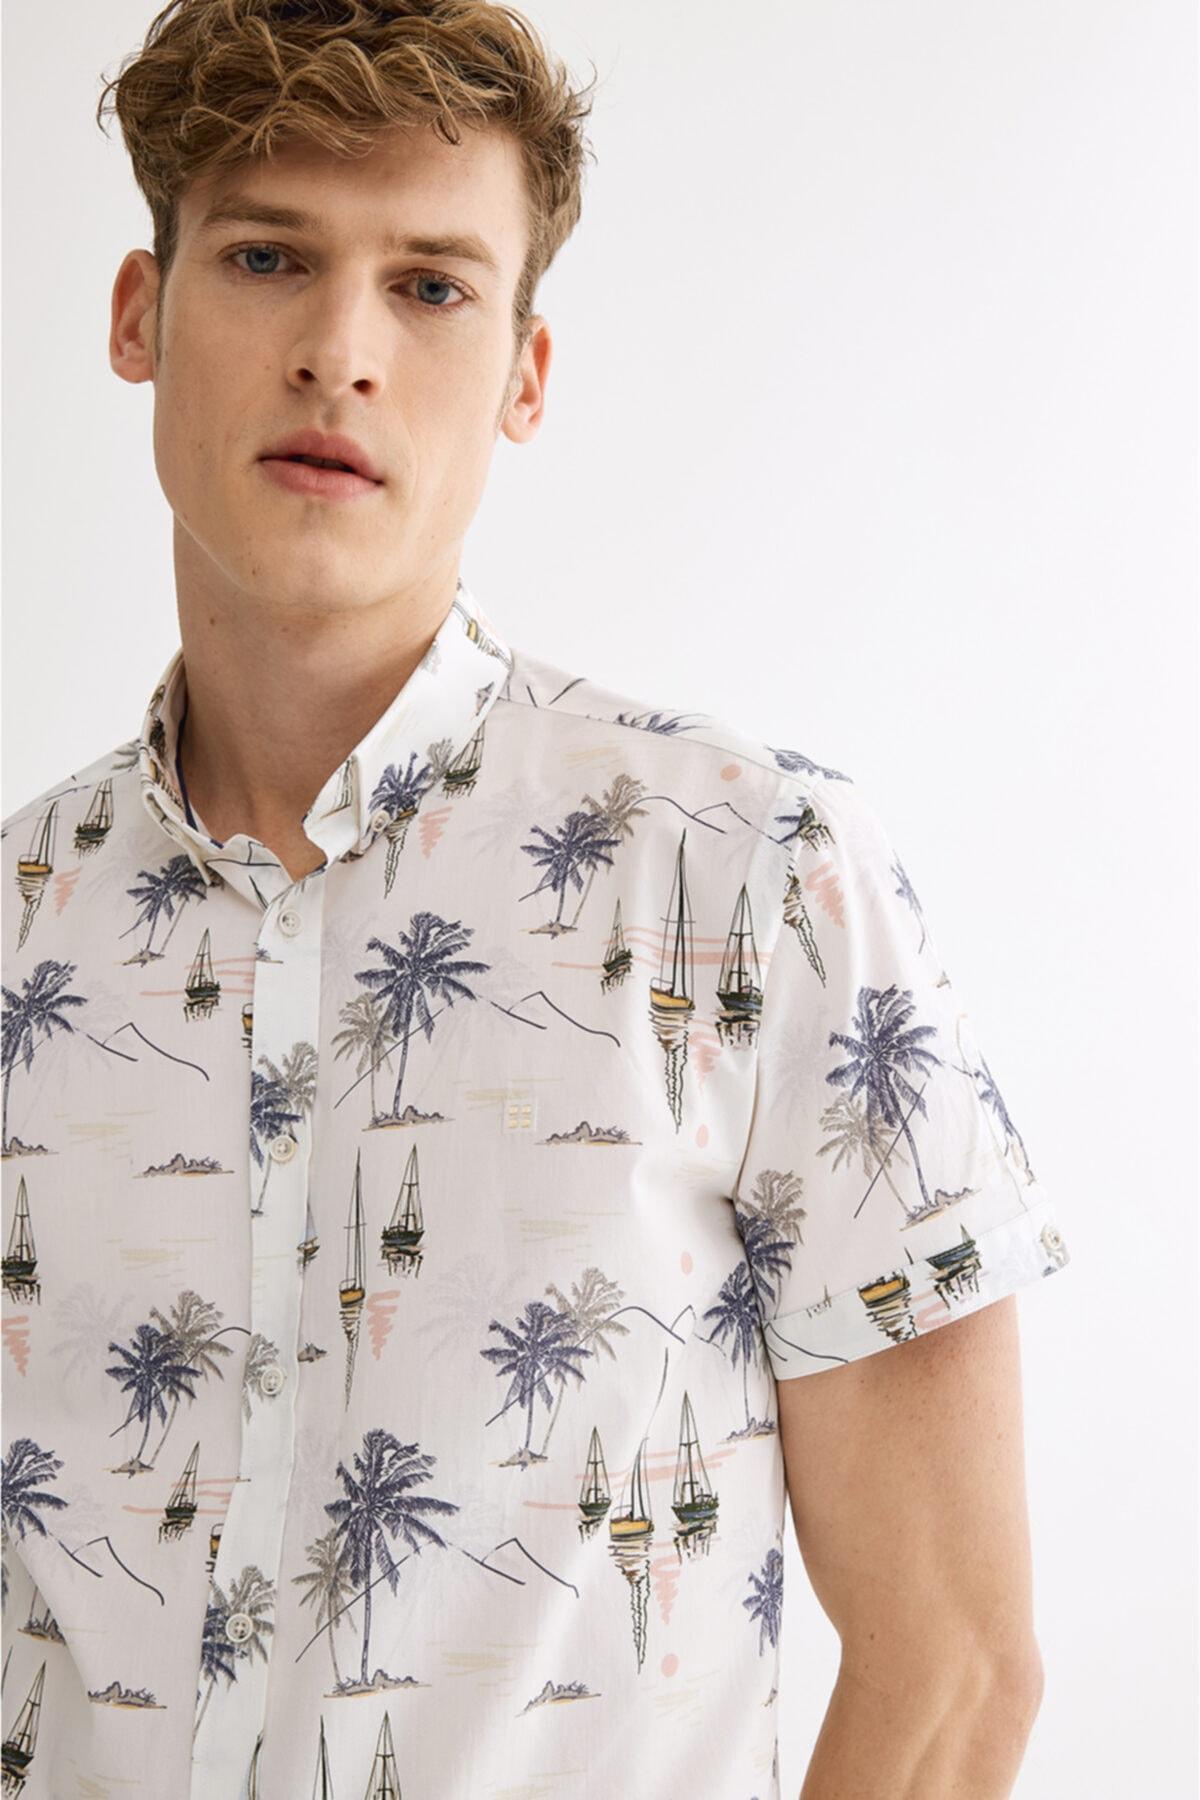 Erkek Ekru Baskılı Düğmeli Yaka Slim Fit Kısa Kol Gömlek A01y2115